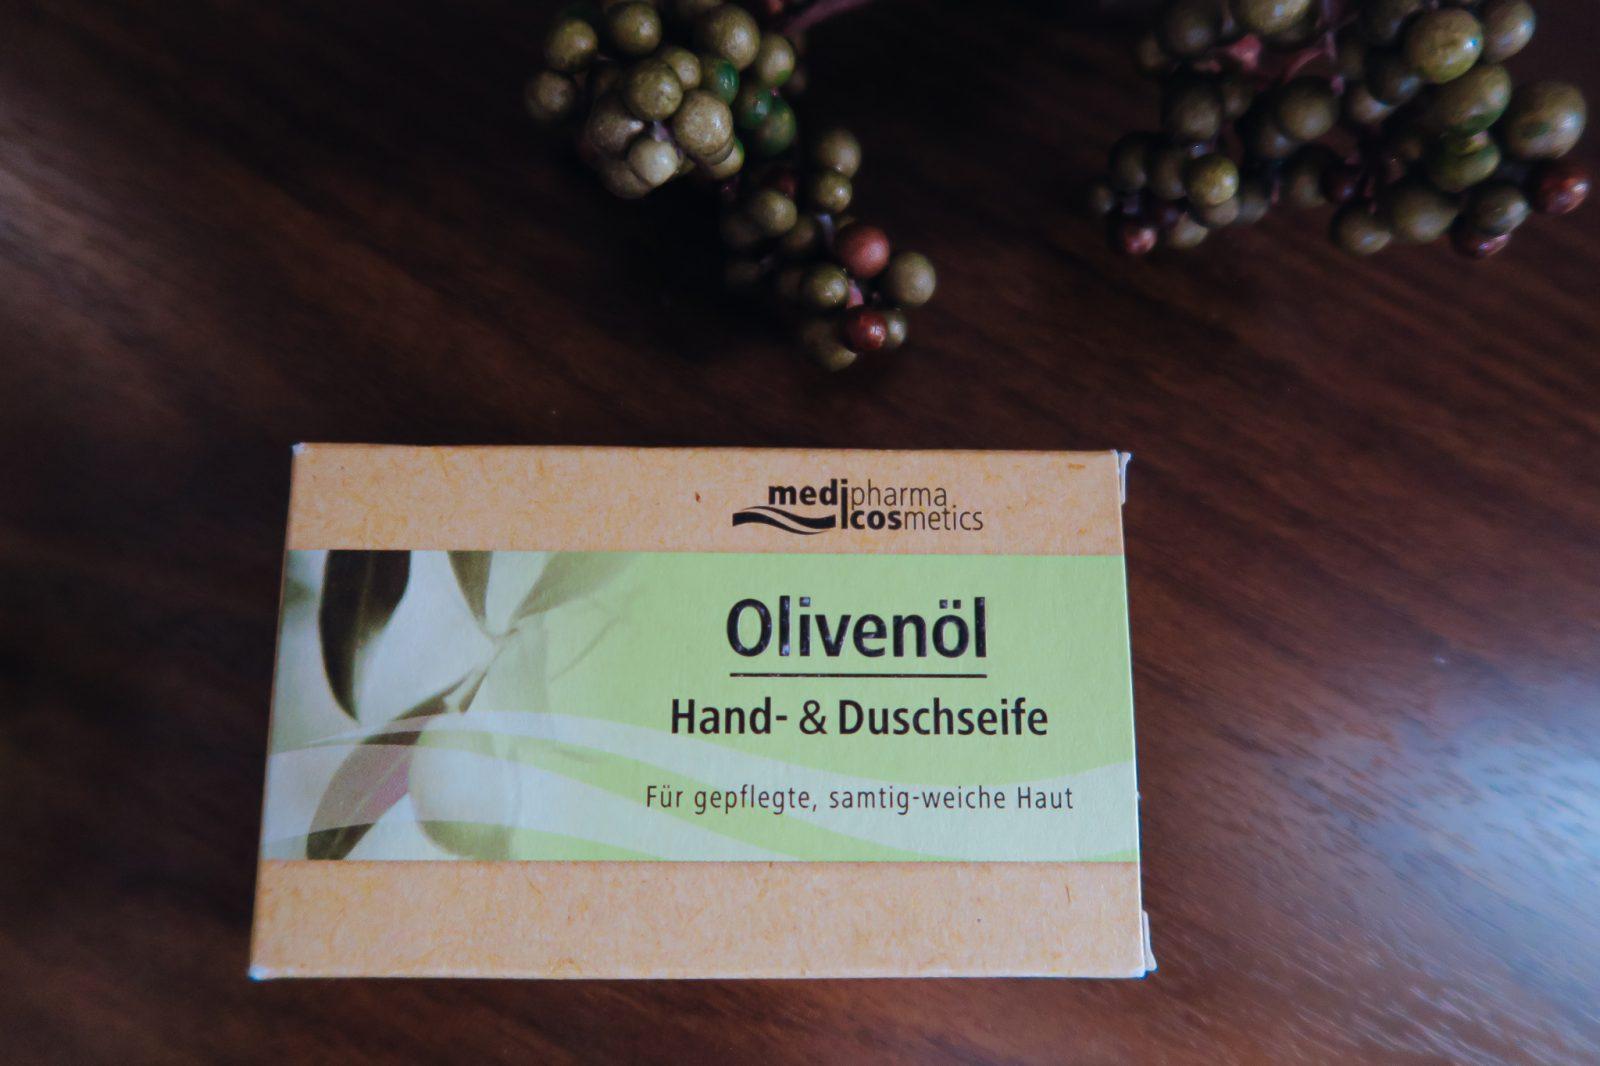 Kosmetik aus Olivenöl